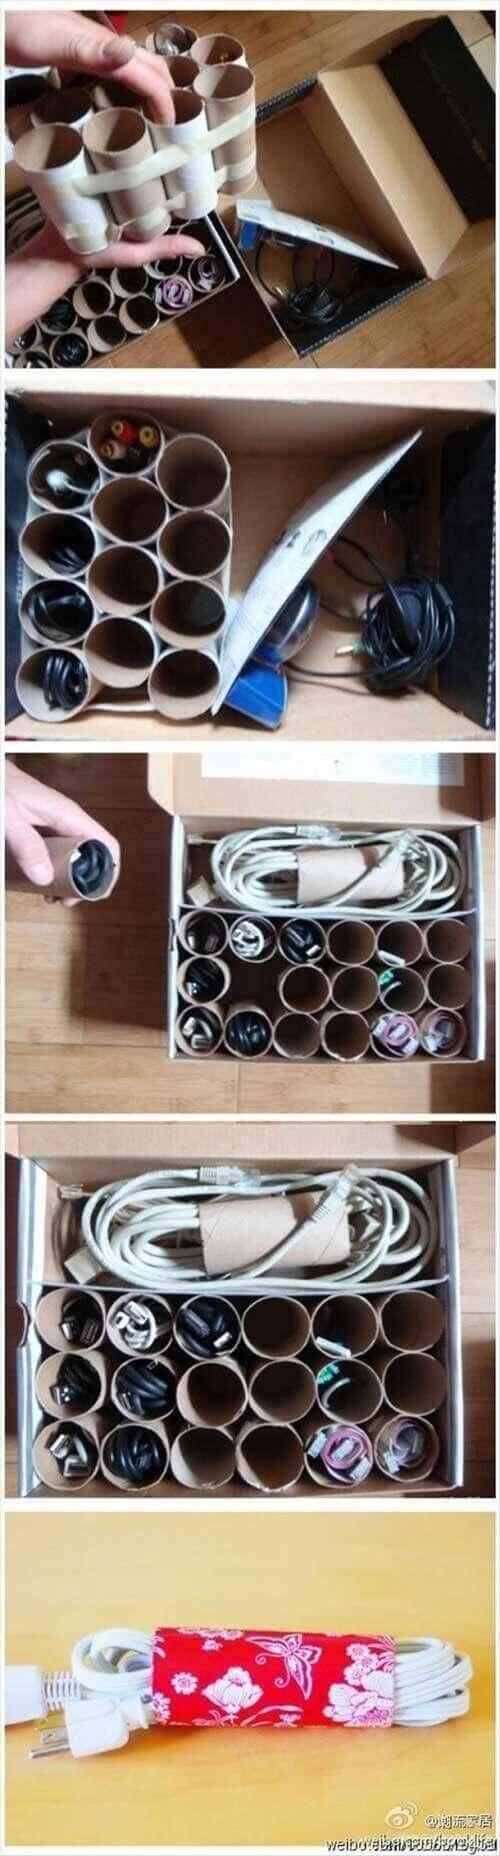 tuvalet-kagidindan-organizer-geri-donusum-fikri